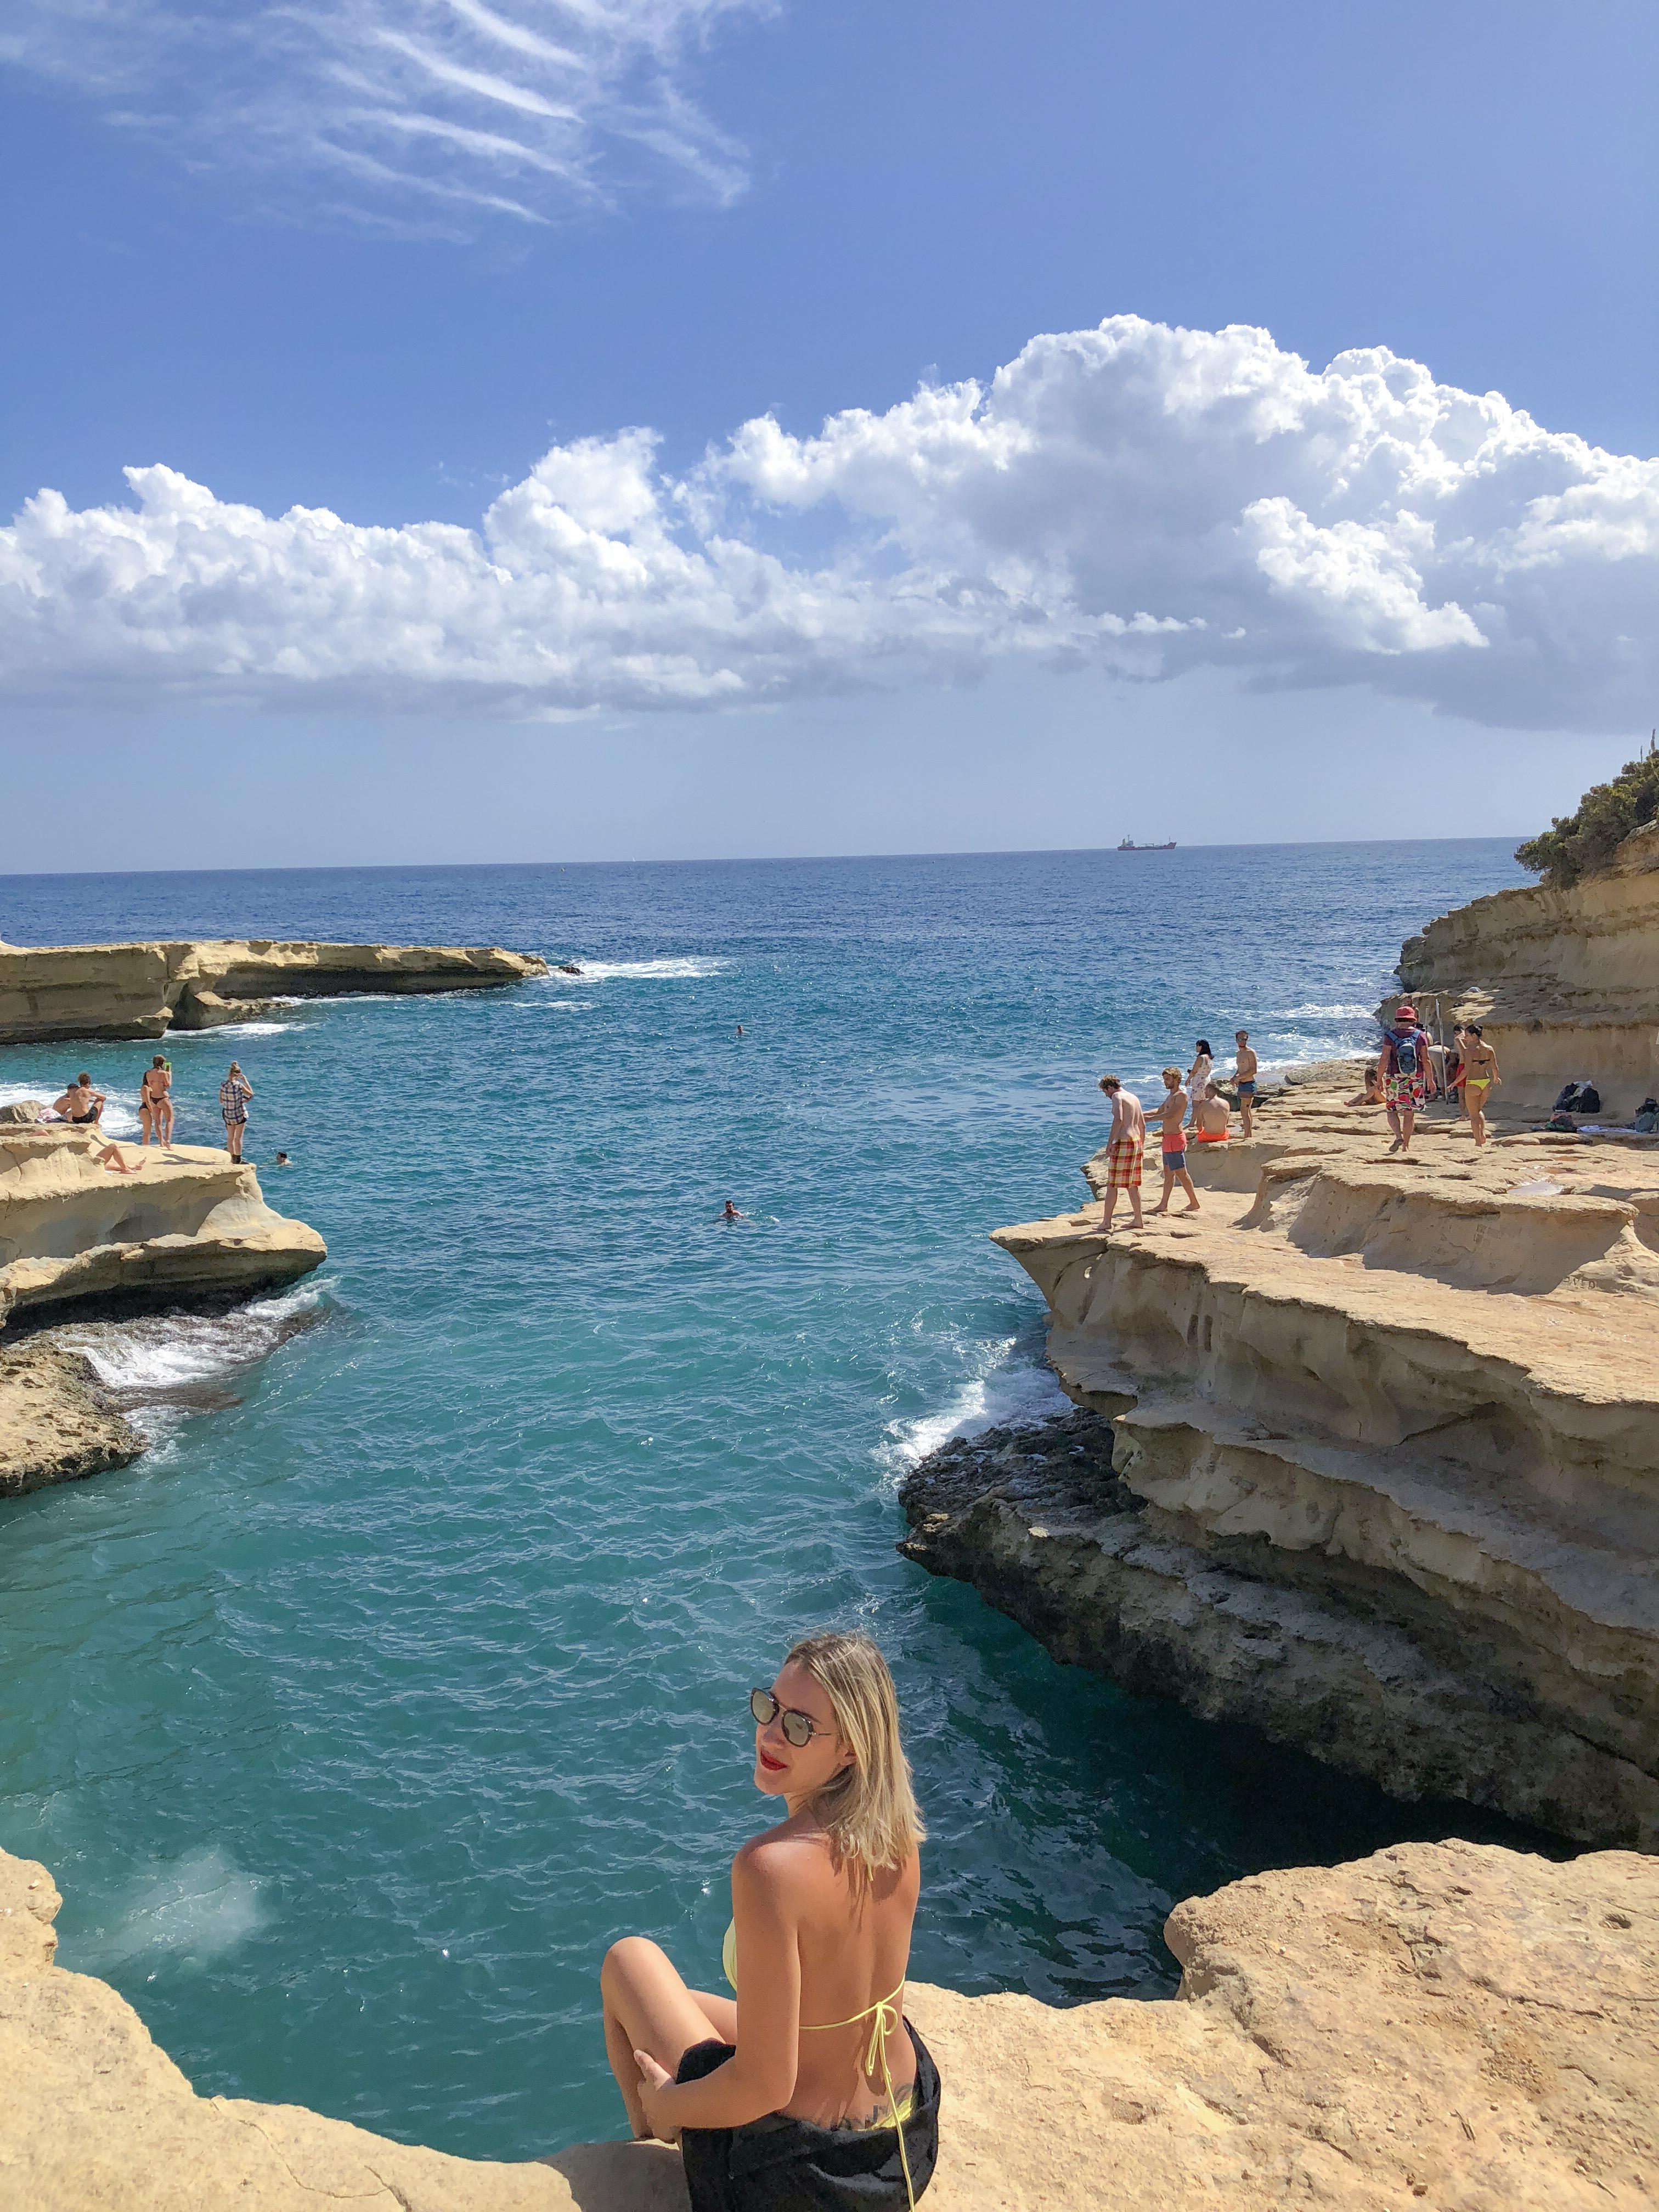 st peter's pool malta - o que fazer em Malta